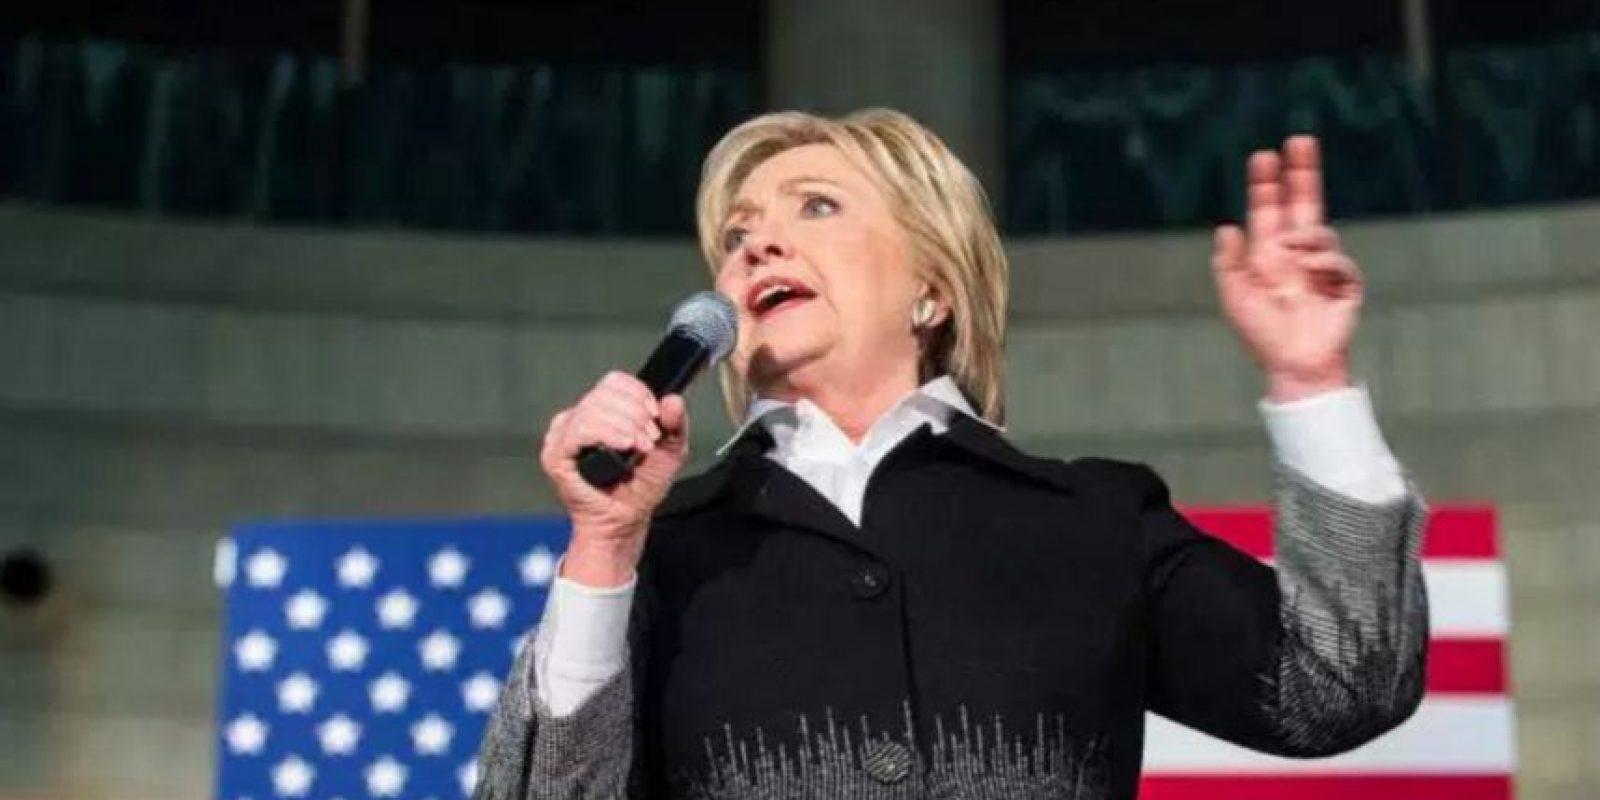 En la convención han hablado víctimas de las masacres de Sandy Hook y Orlando. También la activista y actriz Sigourney Weaver. Foto:Getty Images